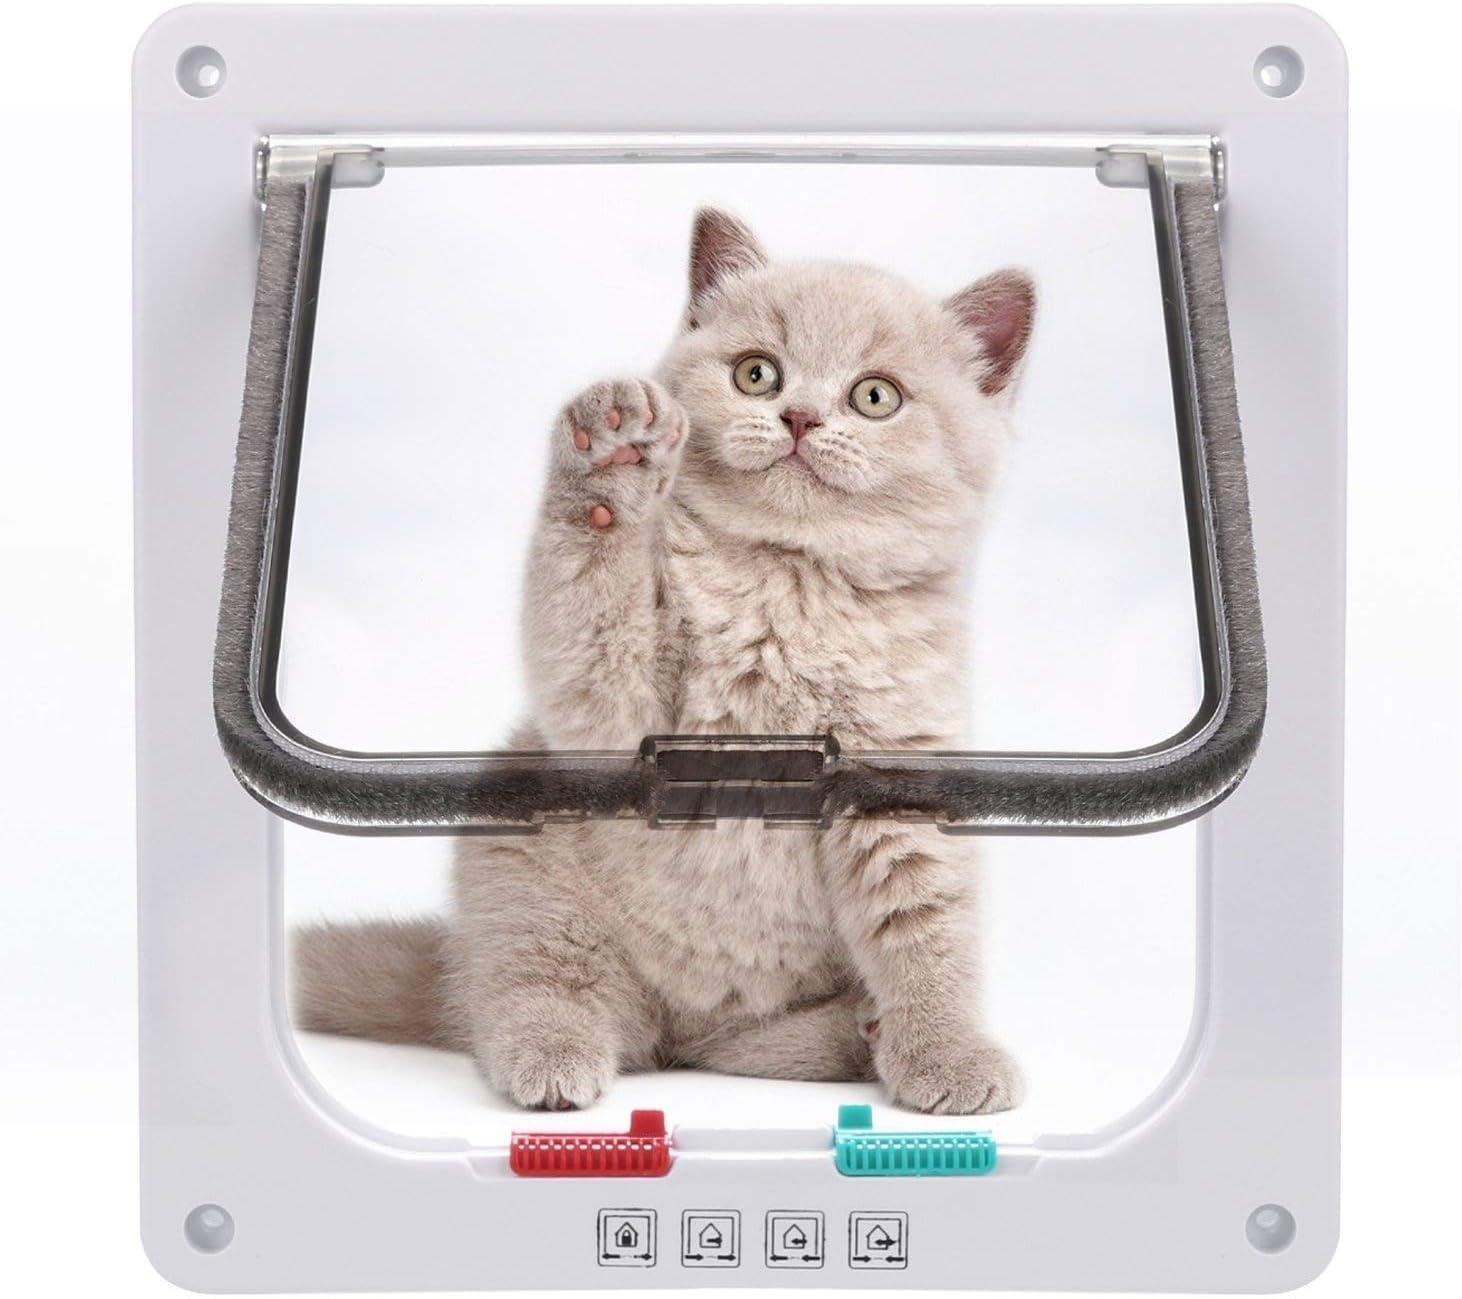 Sailnovo Puerta para Gato con Cierre magnético de 4 vías, Puerta para Mascotas para Gatos y Perros pequeños, Puerta para Gatos con túnel (Blanco, M)